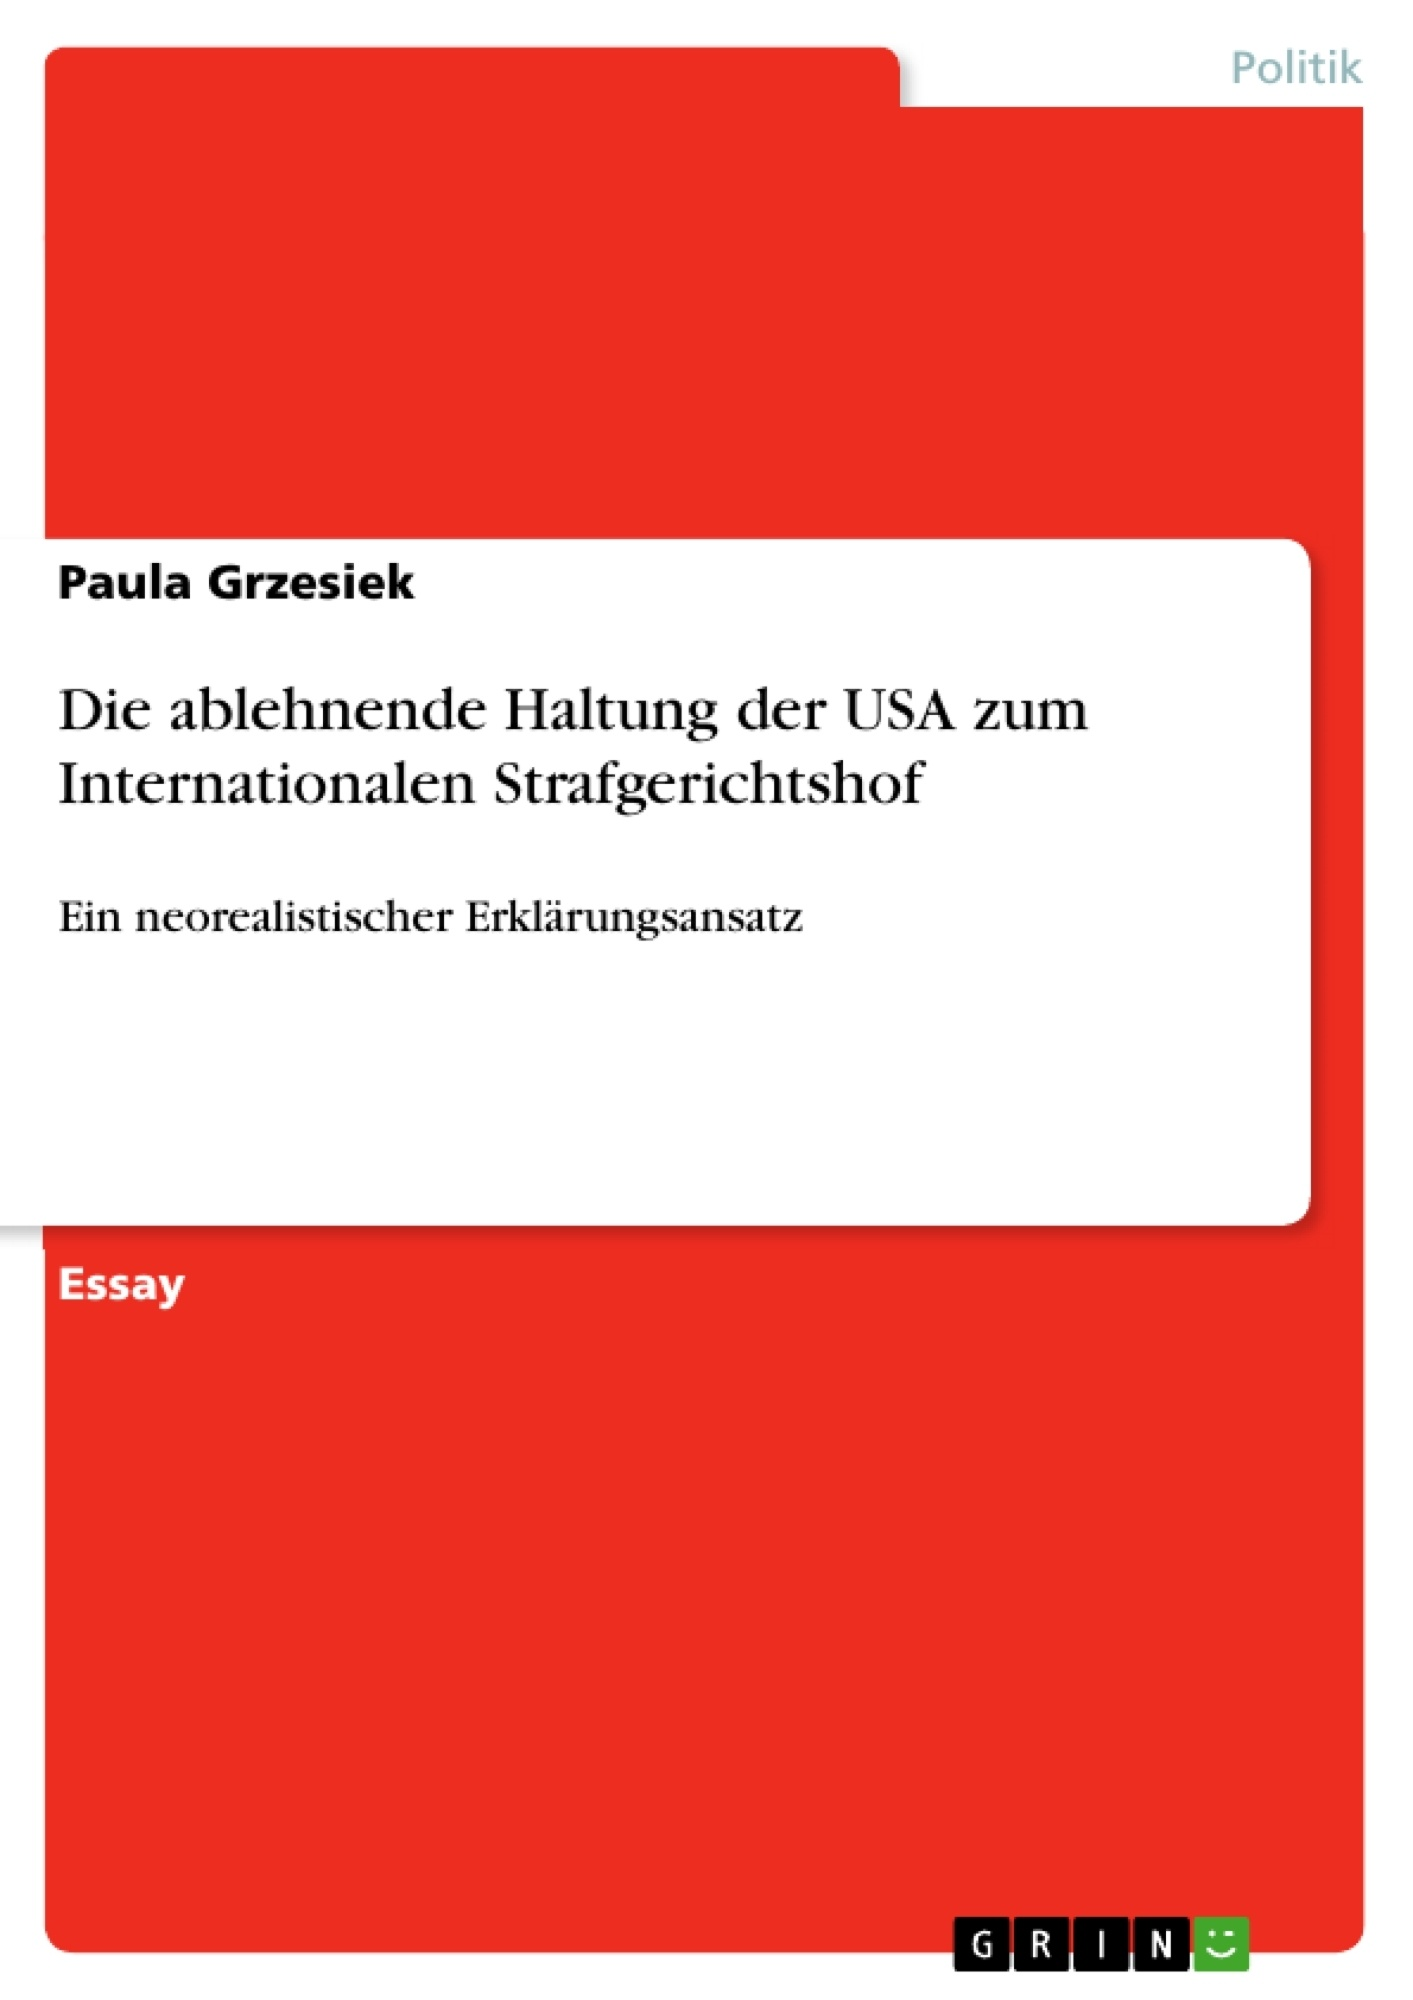 Titel: Die ablehnende Haltung der USA zum Internationalen Strafgerichtshof